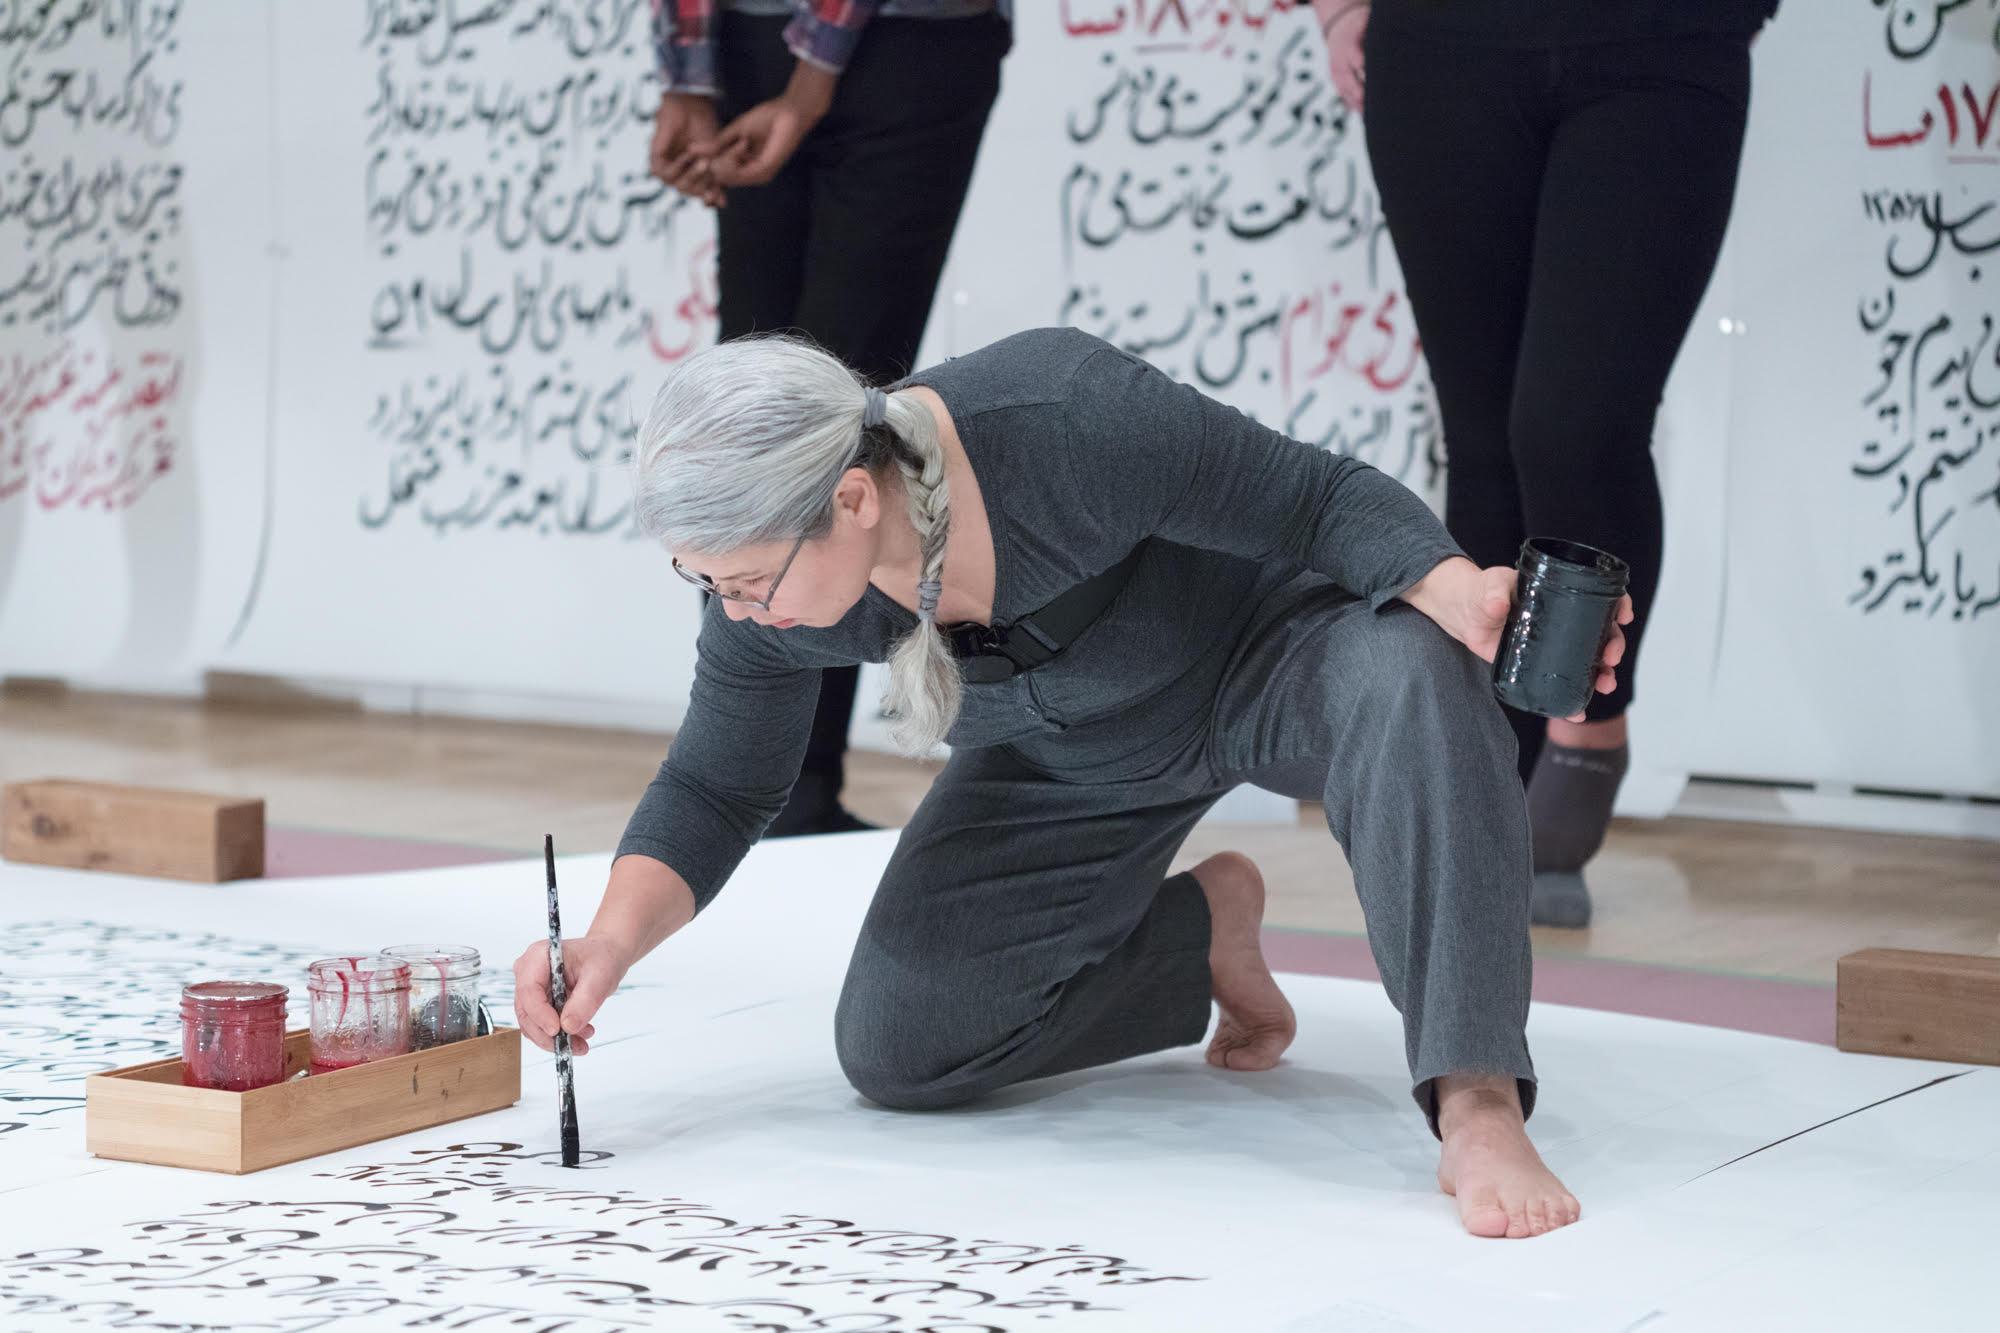 گیتا هاشمی زندخت شیرازی